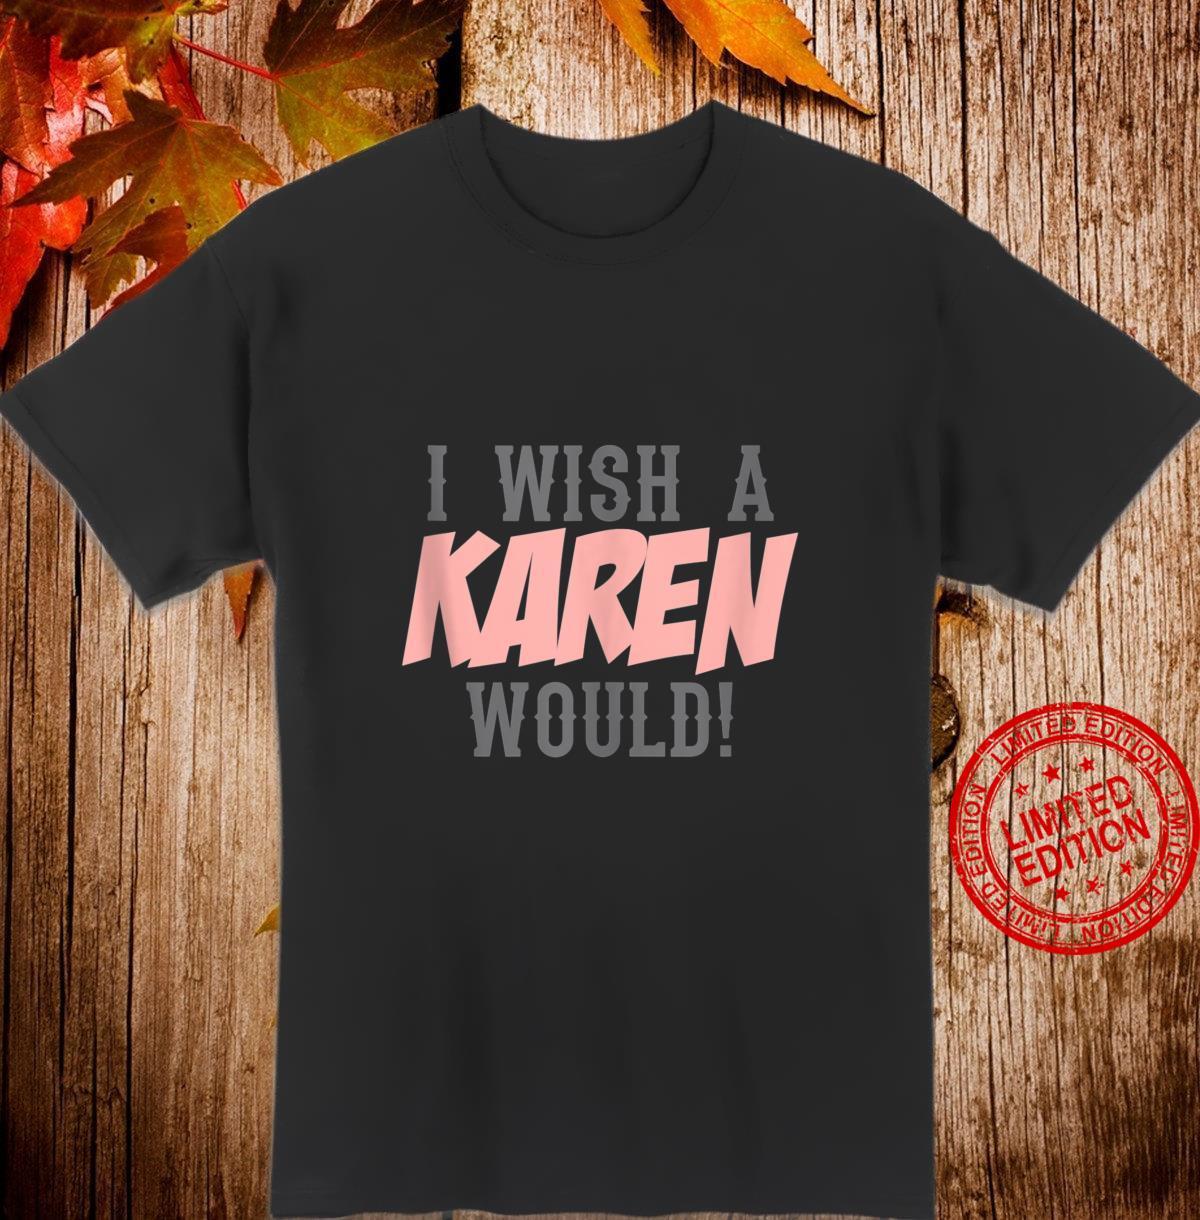 I Wish A Karen Would matching idea quote Shirt